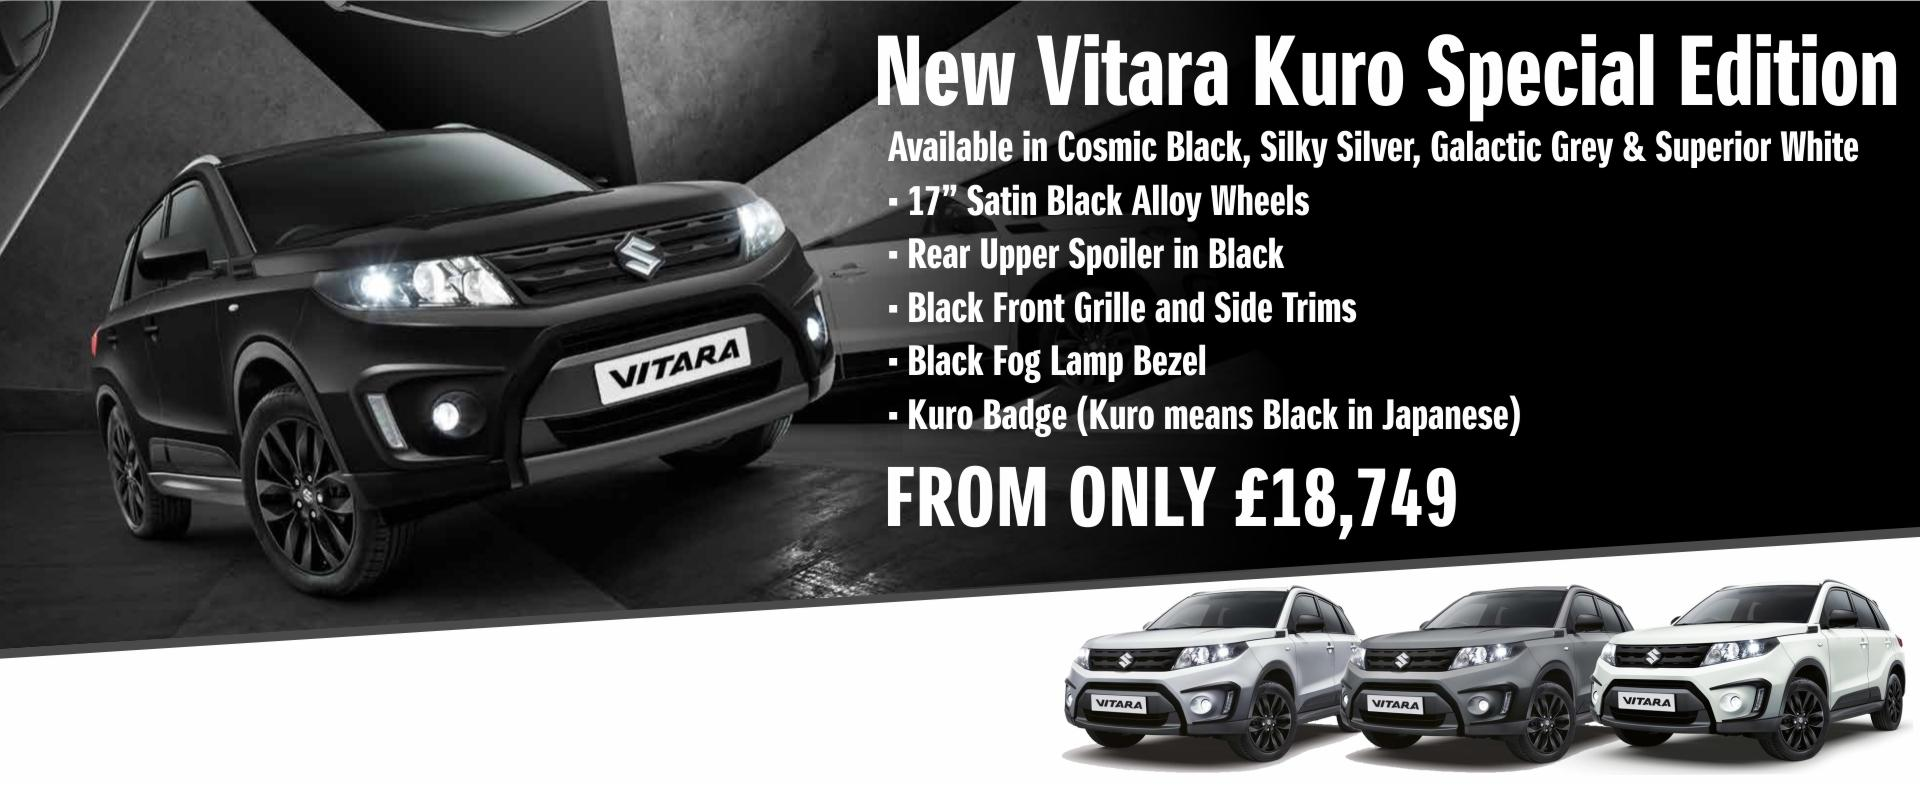 Suzuki Vitara Kuro Special Edition